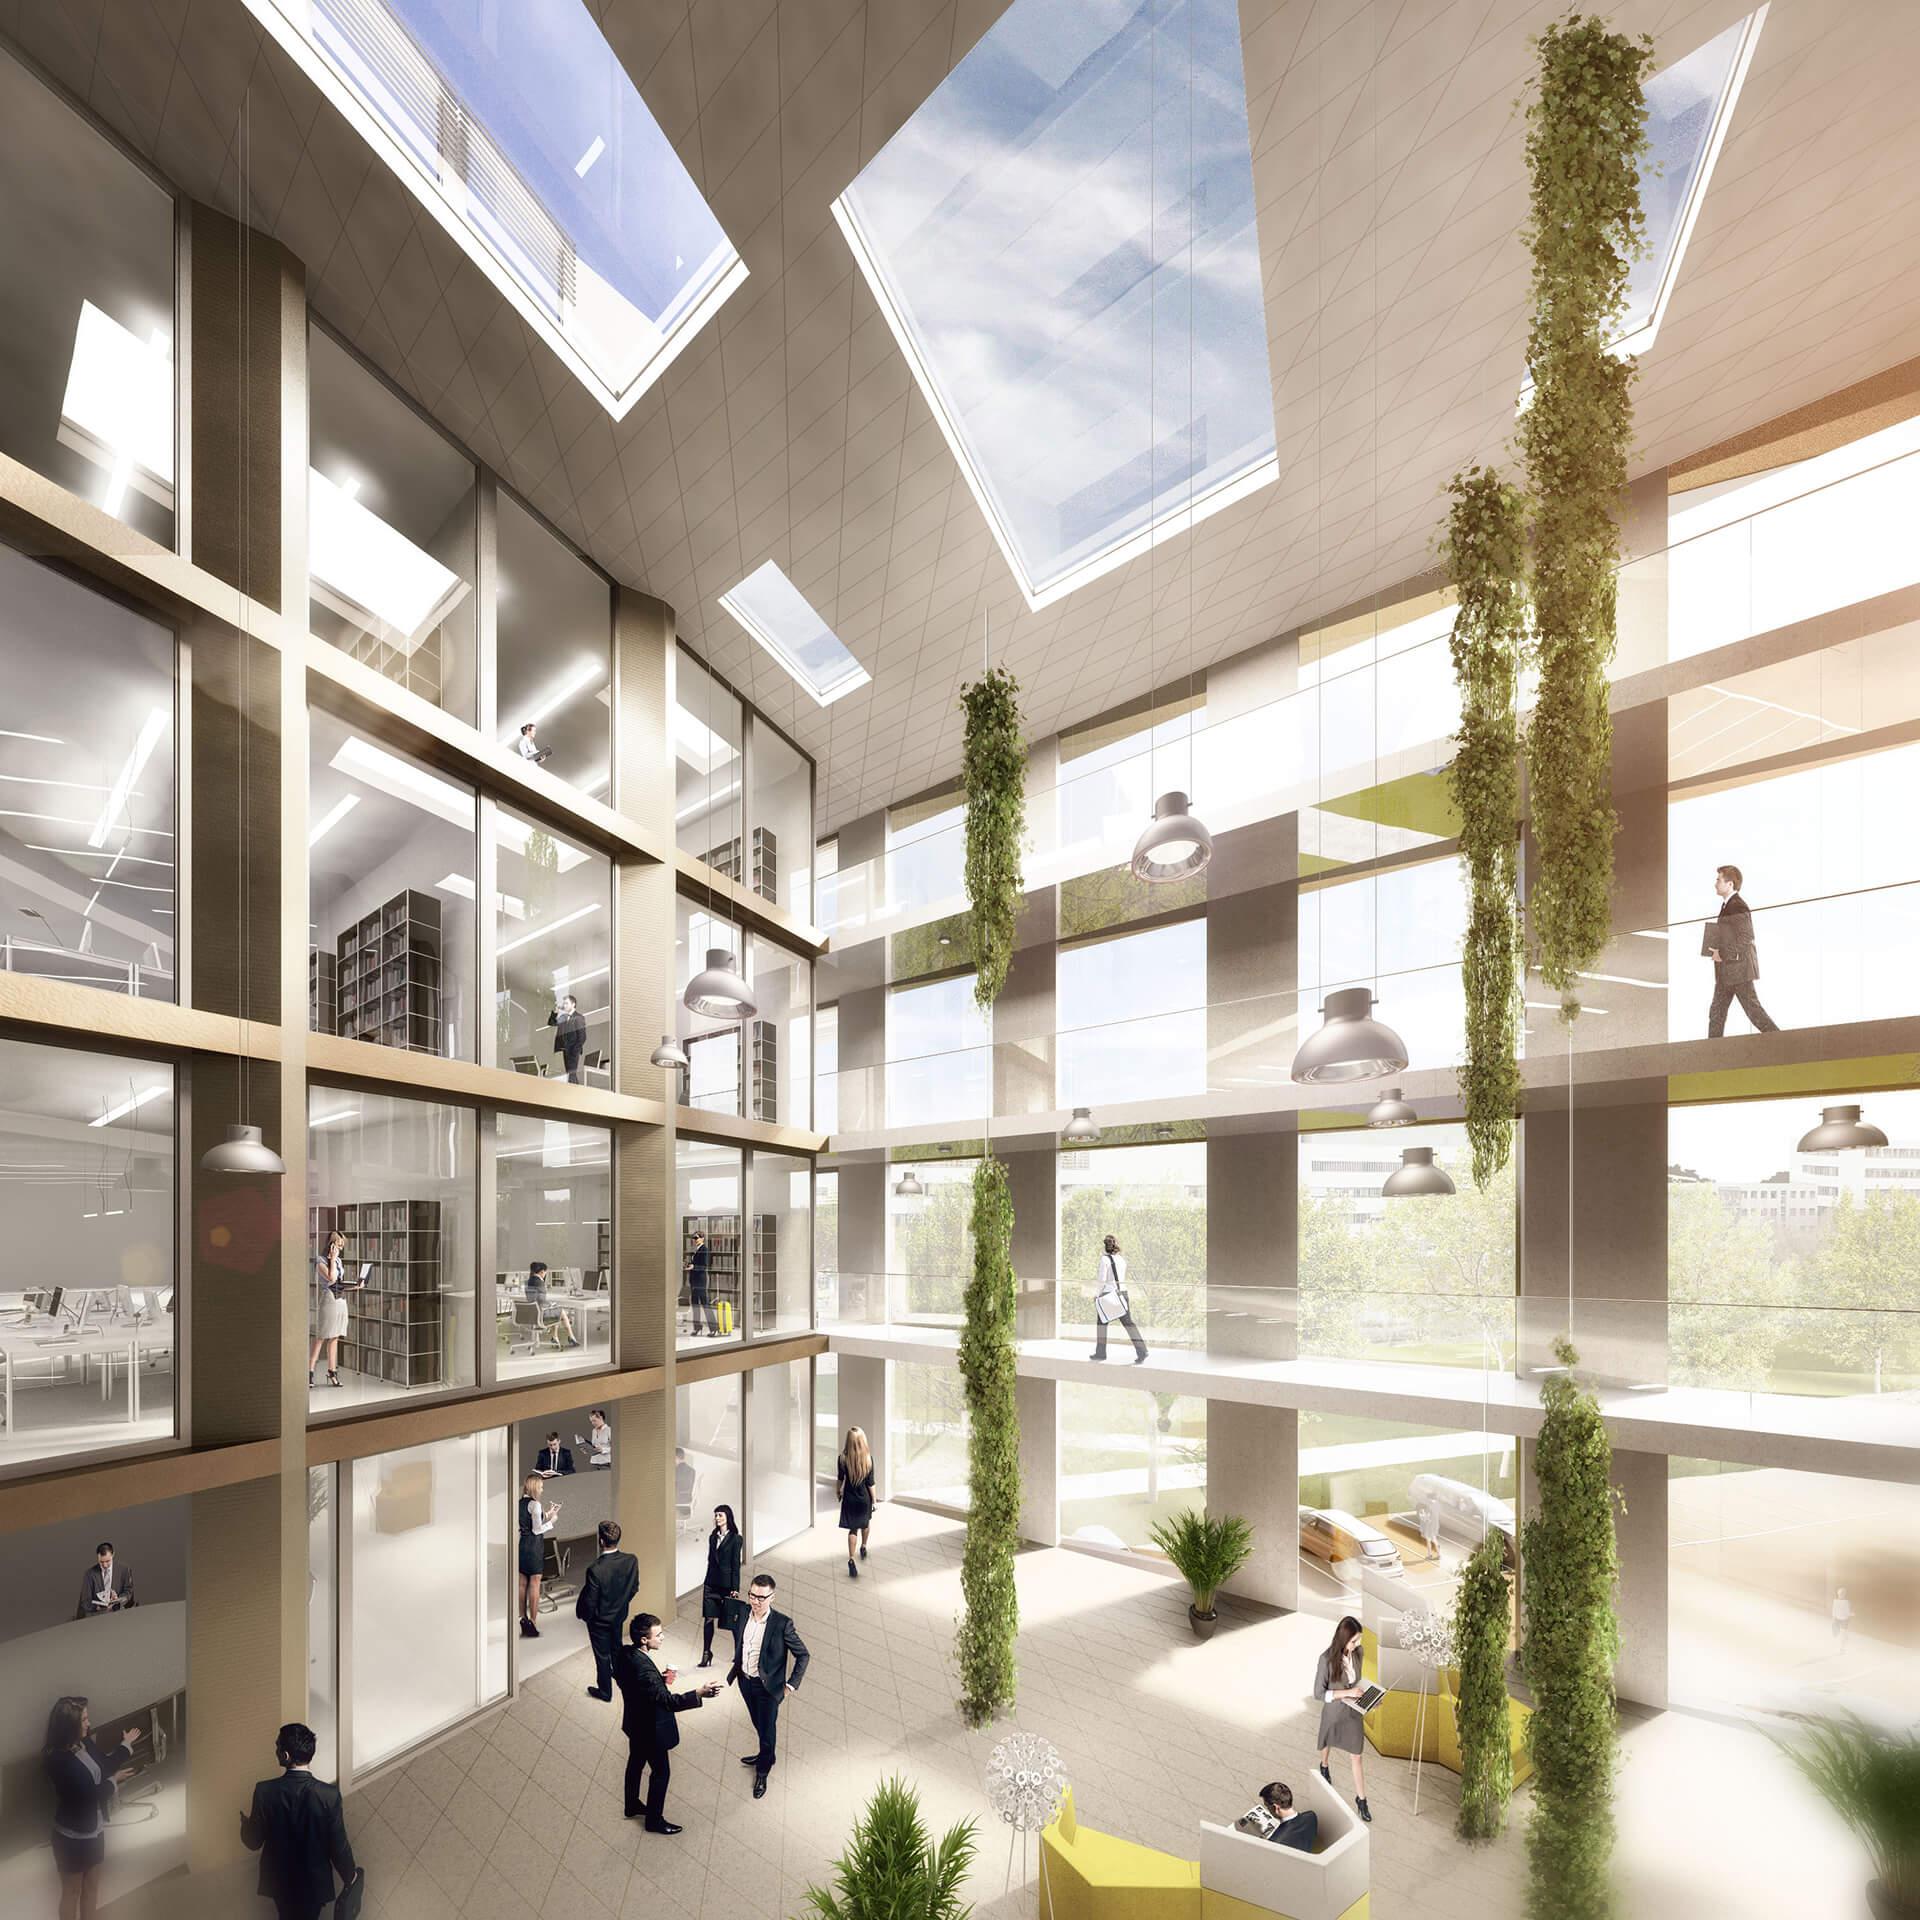 Architekten Jena ksg architekten wohn und geschäftshaus jena